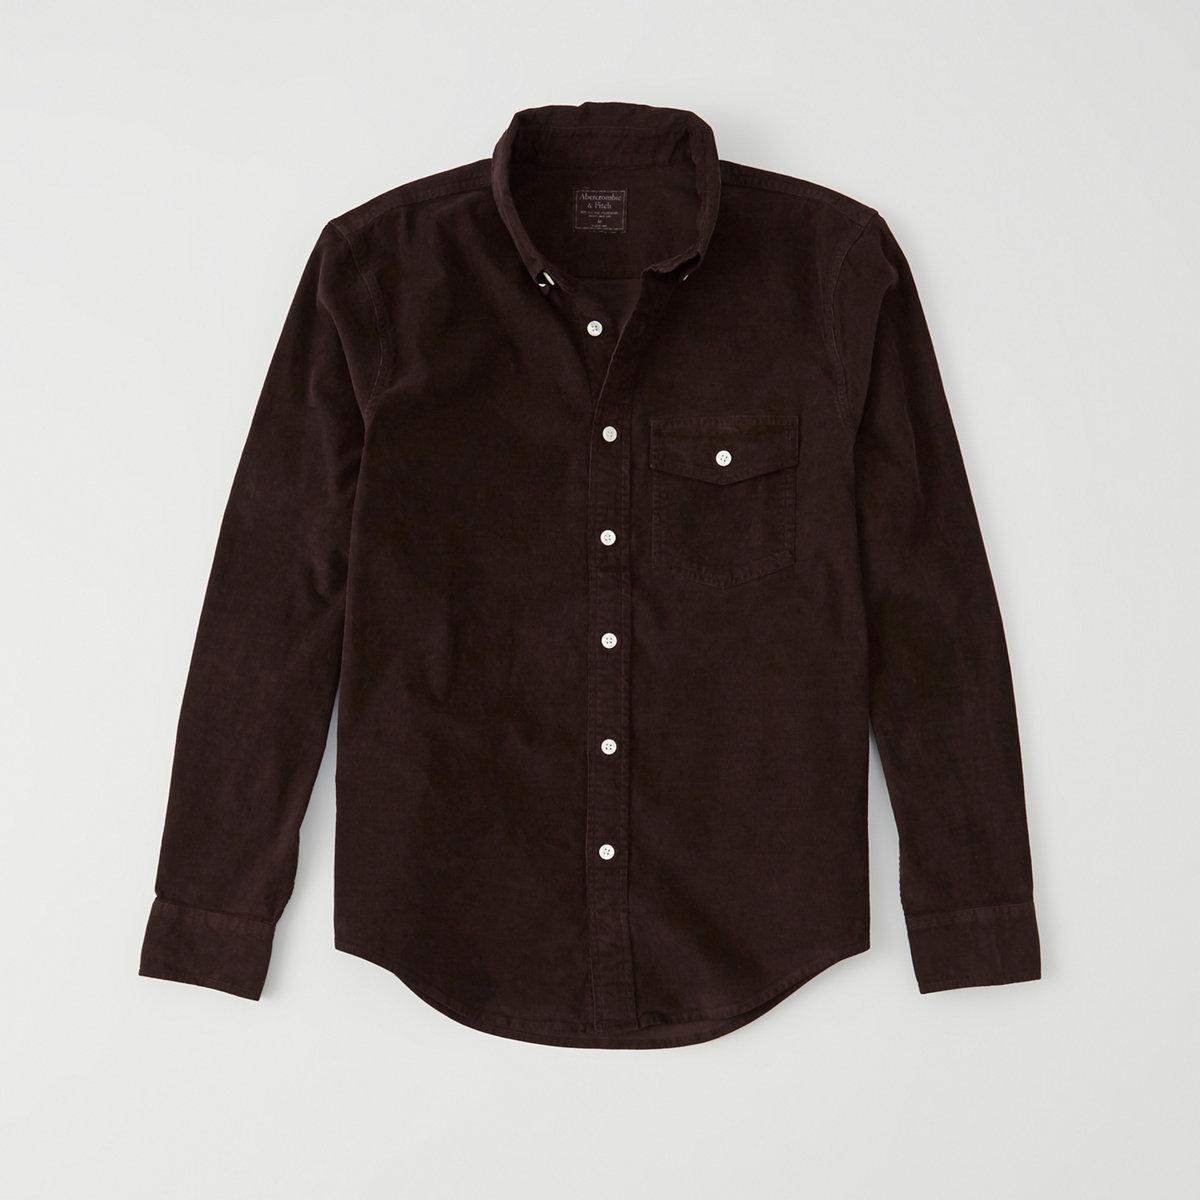 Garment Dye Corduroy Shirt